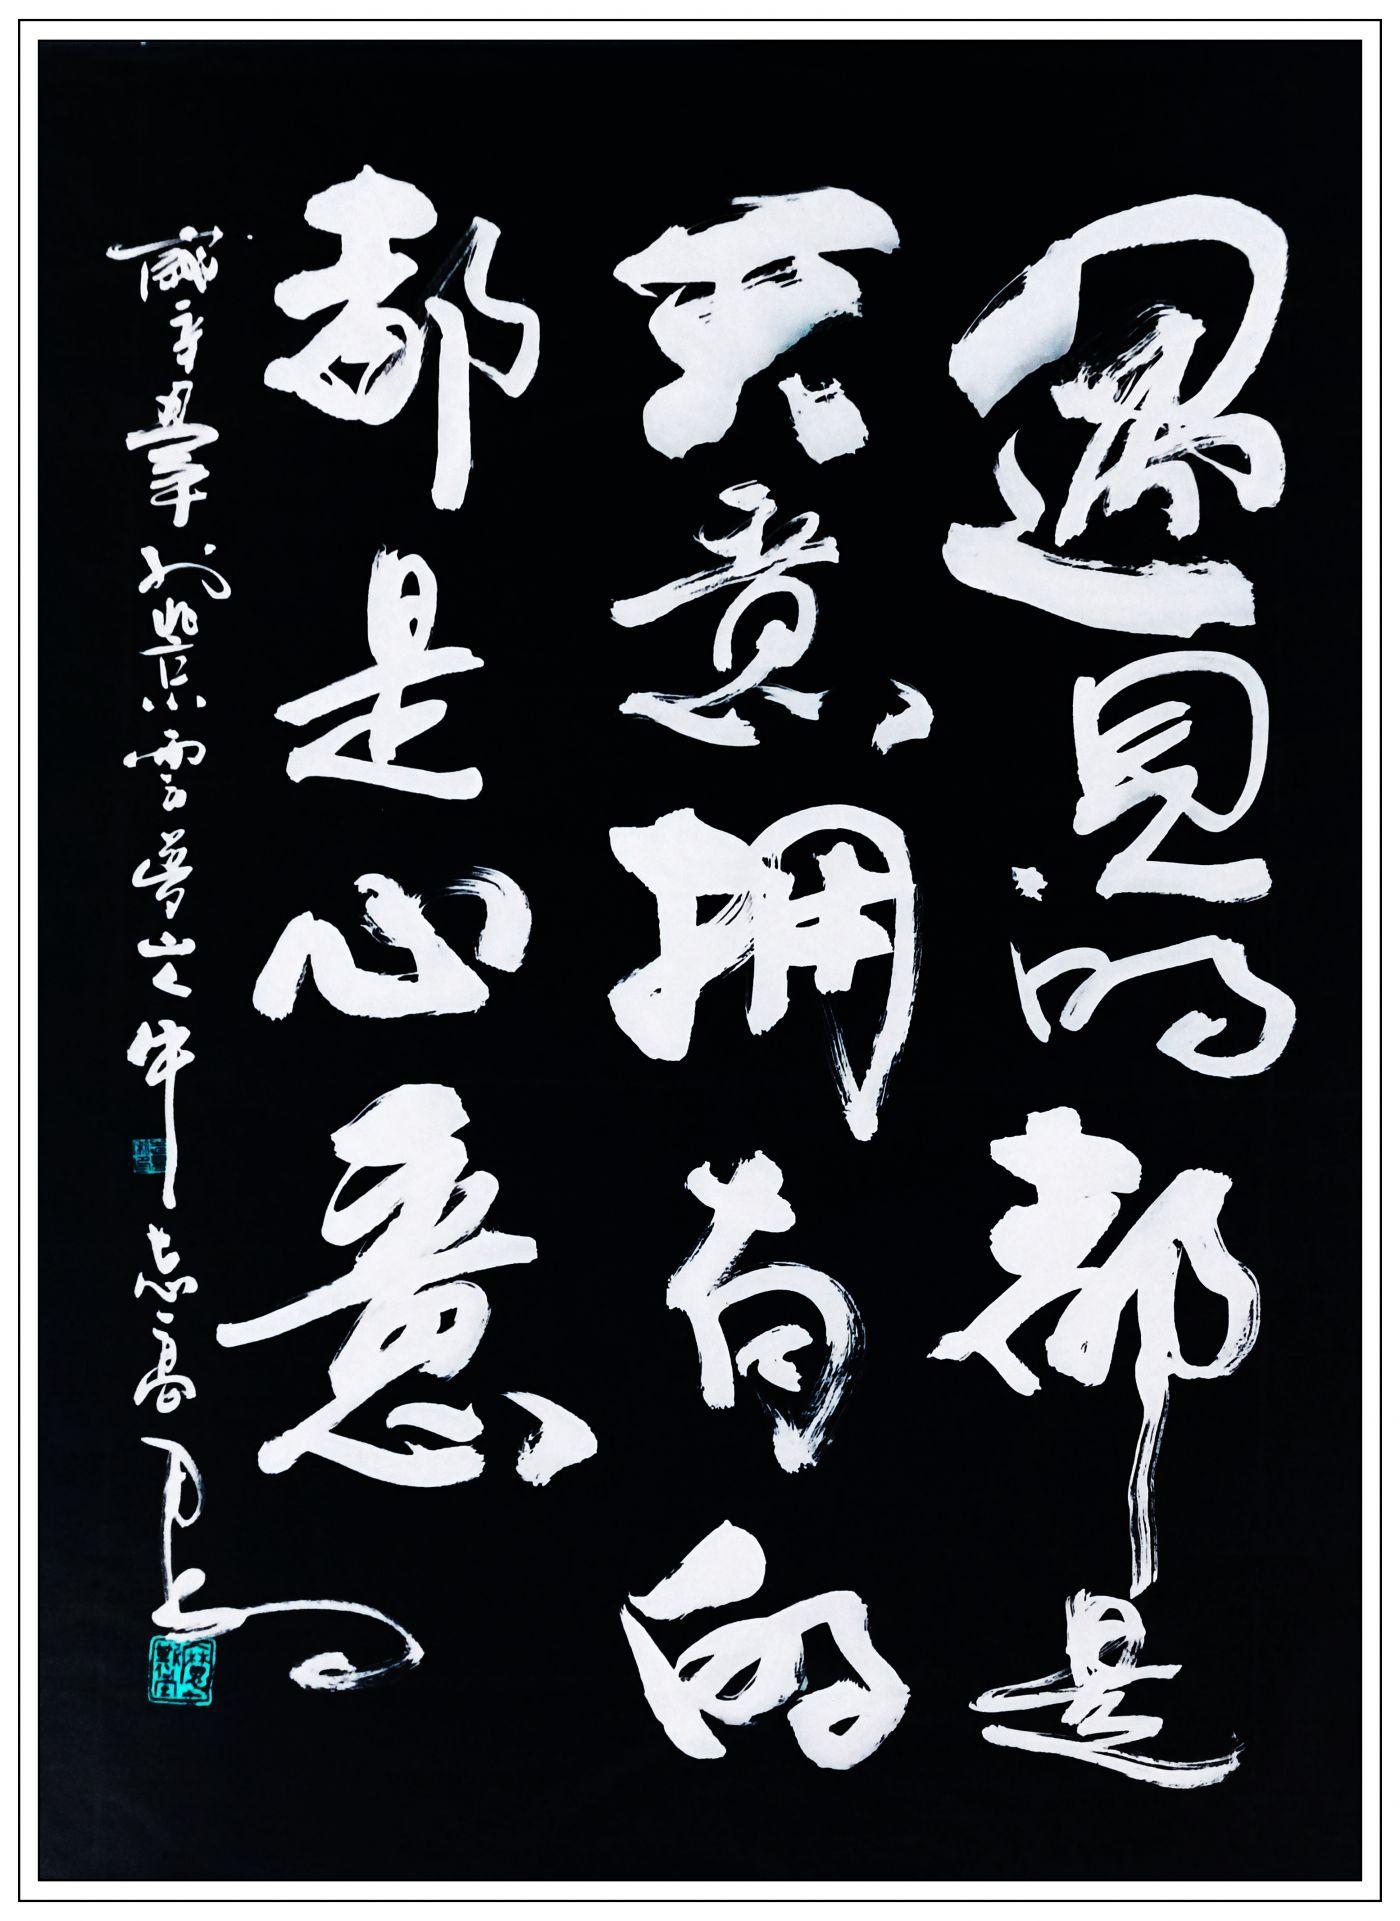 牛志高書法-----------2021.02.25_图1-1